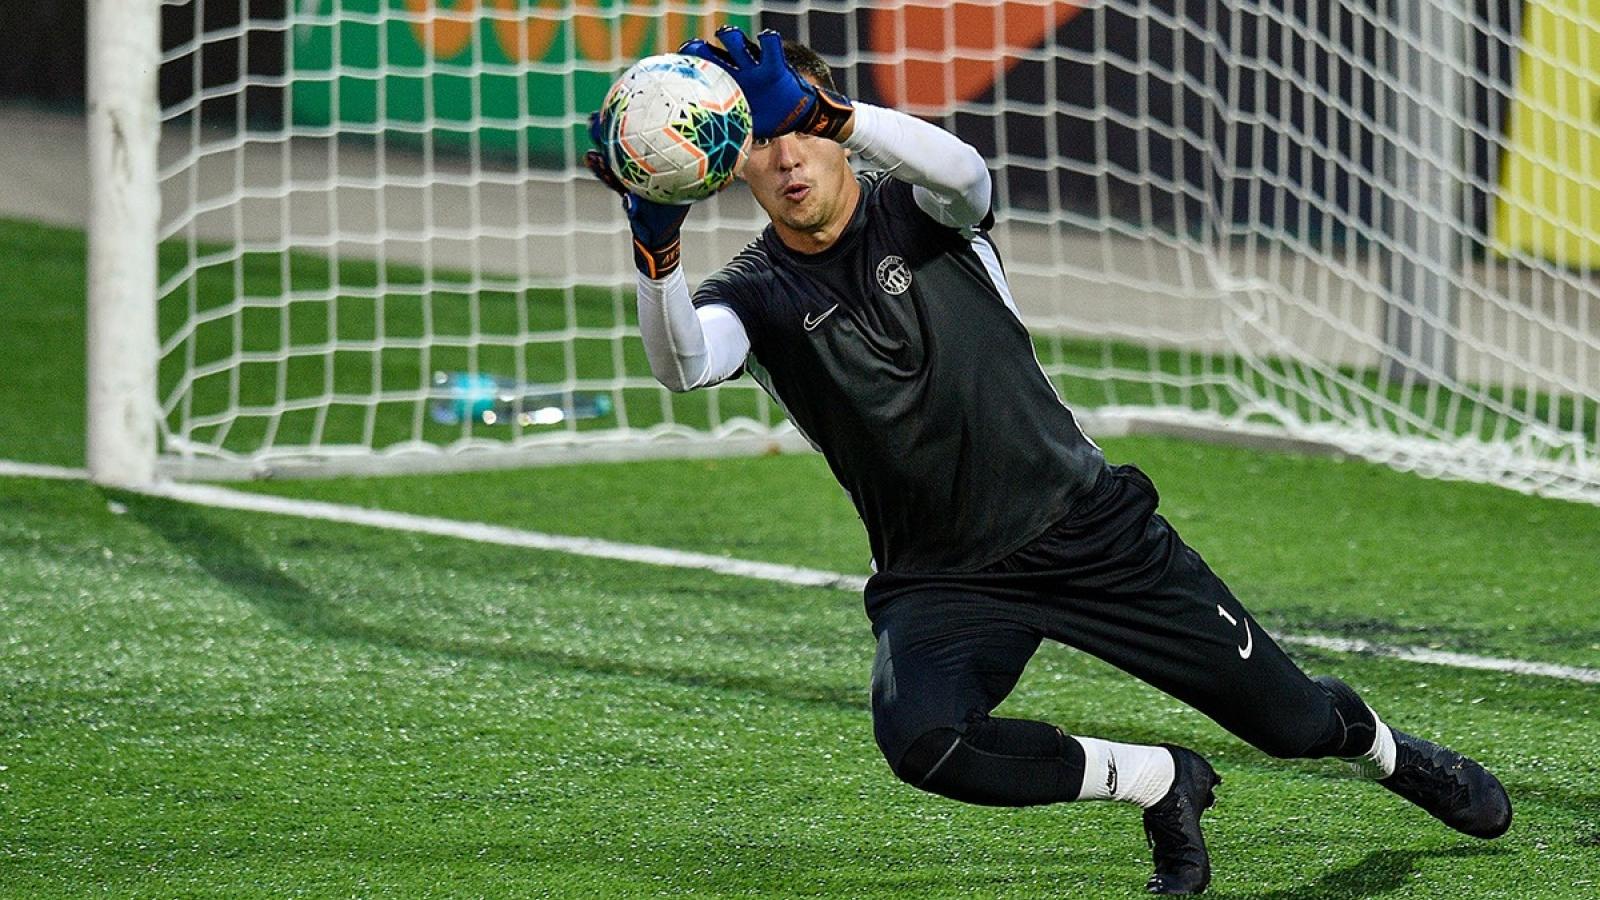 Bốc thăm vòng bảng Europa League: Filip Nguyễn đối đầu đội bóng hạ Bayern Munich